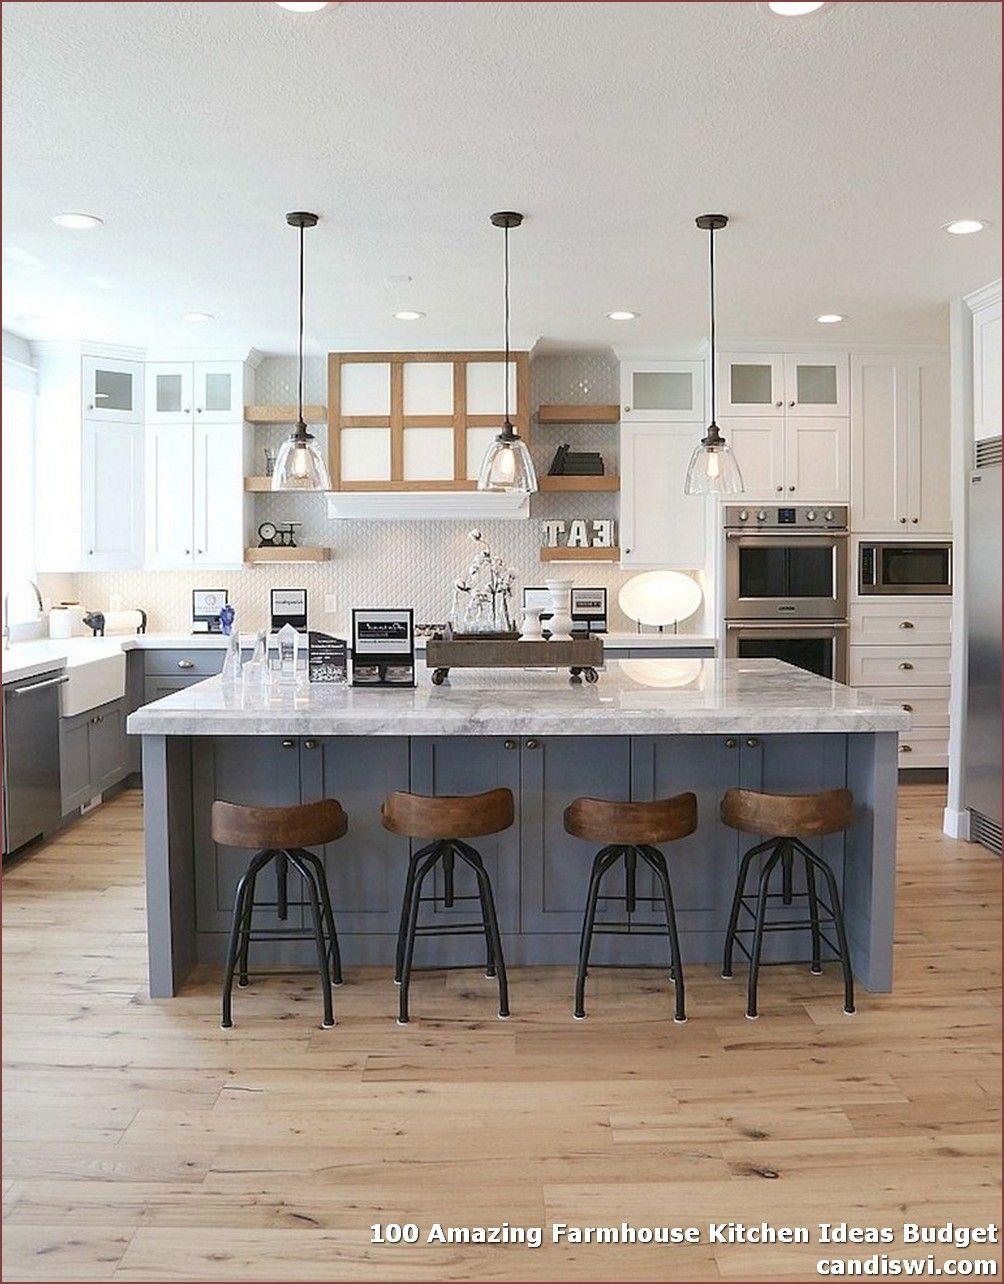 100 Amazing Farmhouse Kitchen Ideas Budget Modern Farmhouse Kitchens Farmhouse Kitchen Design Country Kitchen Farmhouse